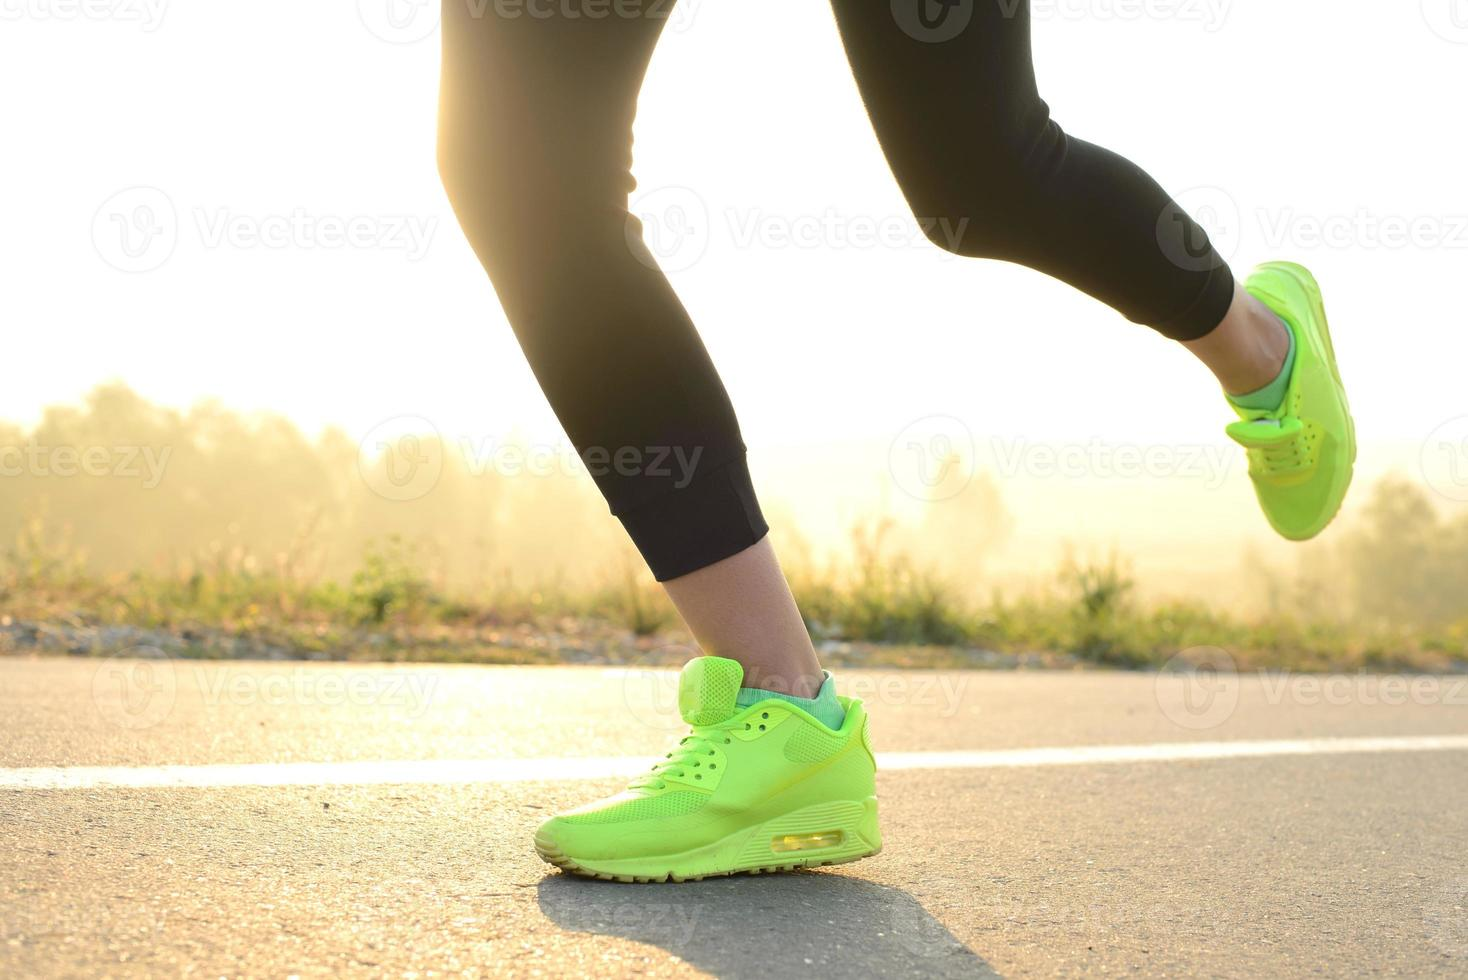 Morning running photo